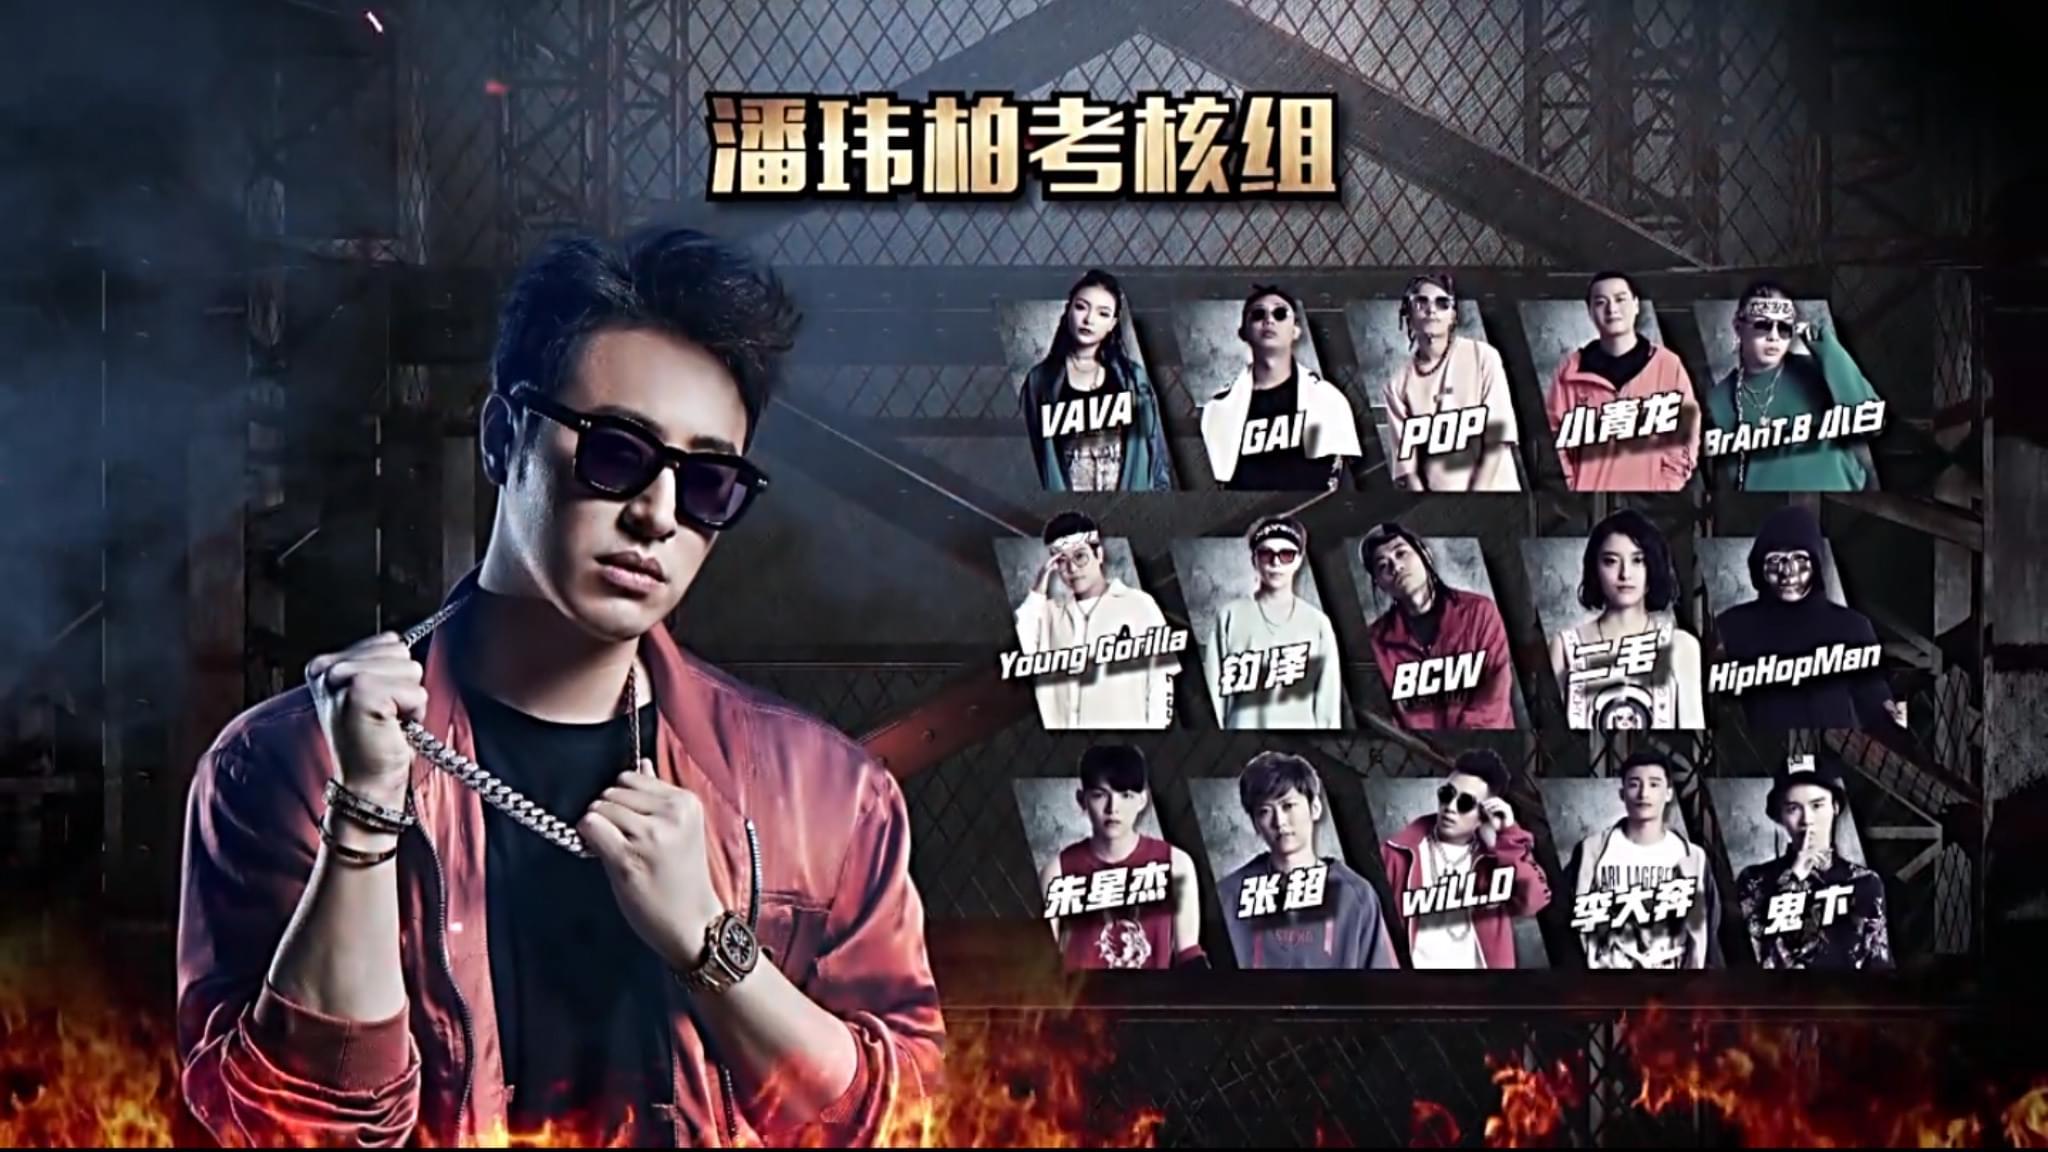 《中国有嘻哈》第三期 ZERO-G钧泽表现获好评